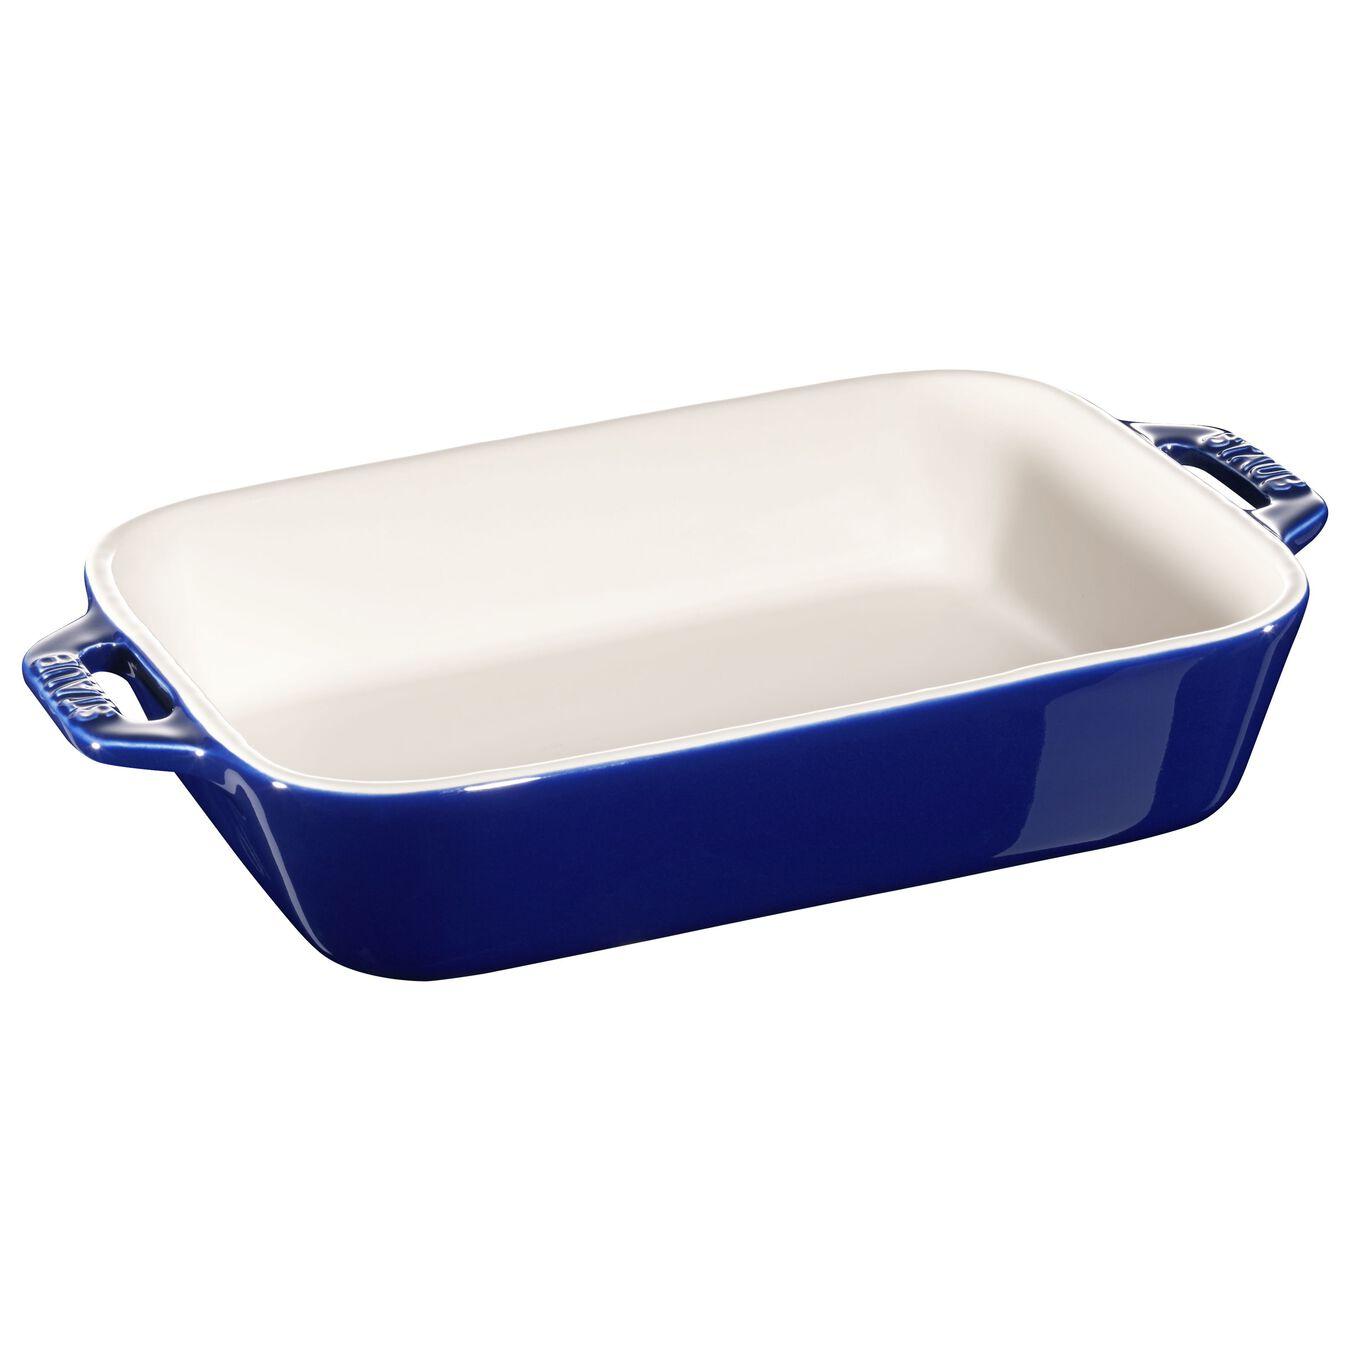 2-pcs rectangular Ensemble plats de cuisson pour le four, Dark-Blue,,large 3